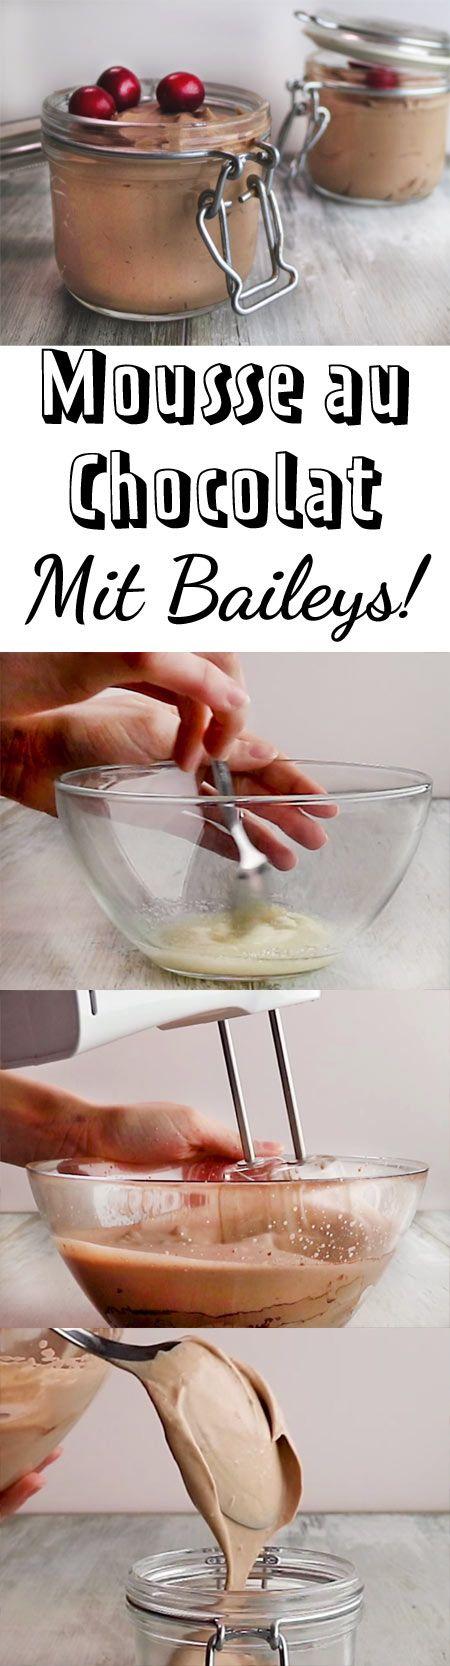 Mousse au Chocolat war noch nie so einfach und mit einem Schluck Baileys wird's extra gut.